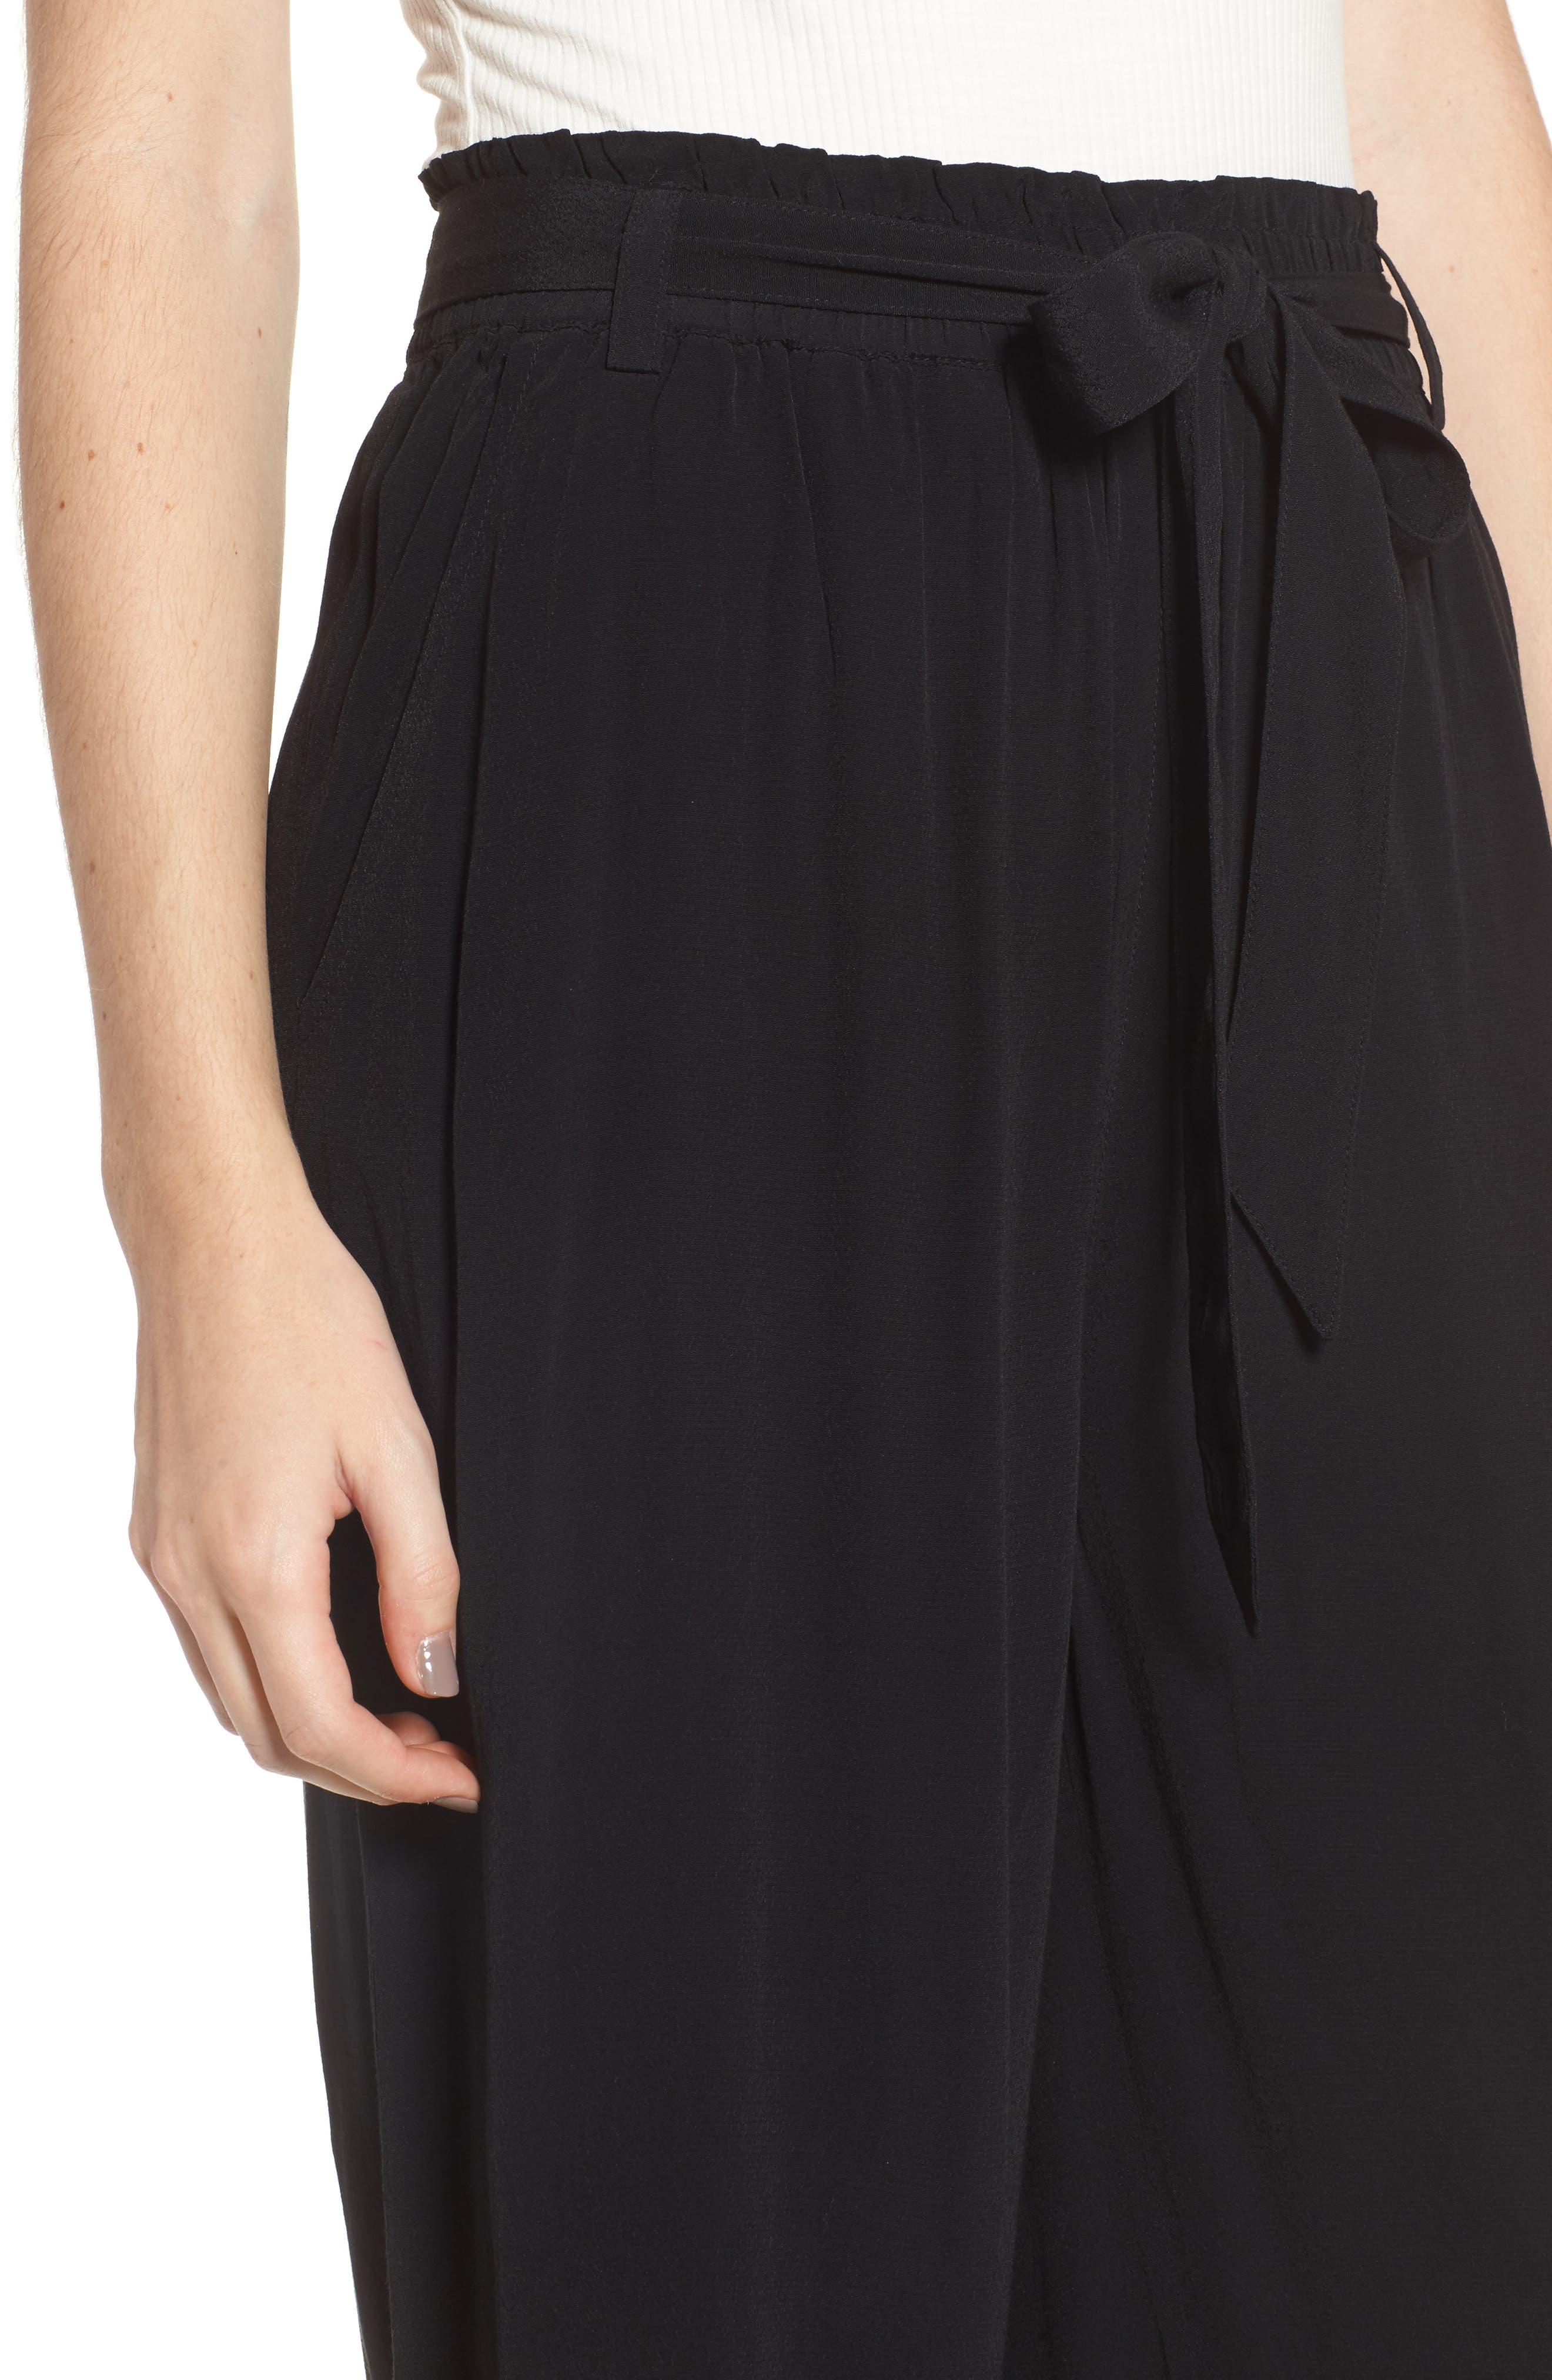 Alternate Image 4  - BP. Tie Waist Crop Pants